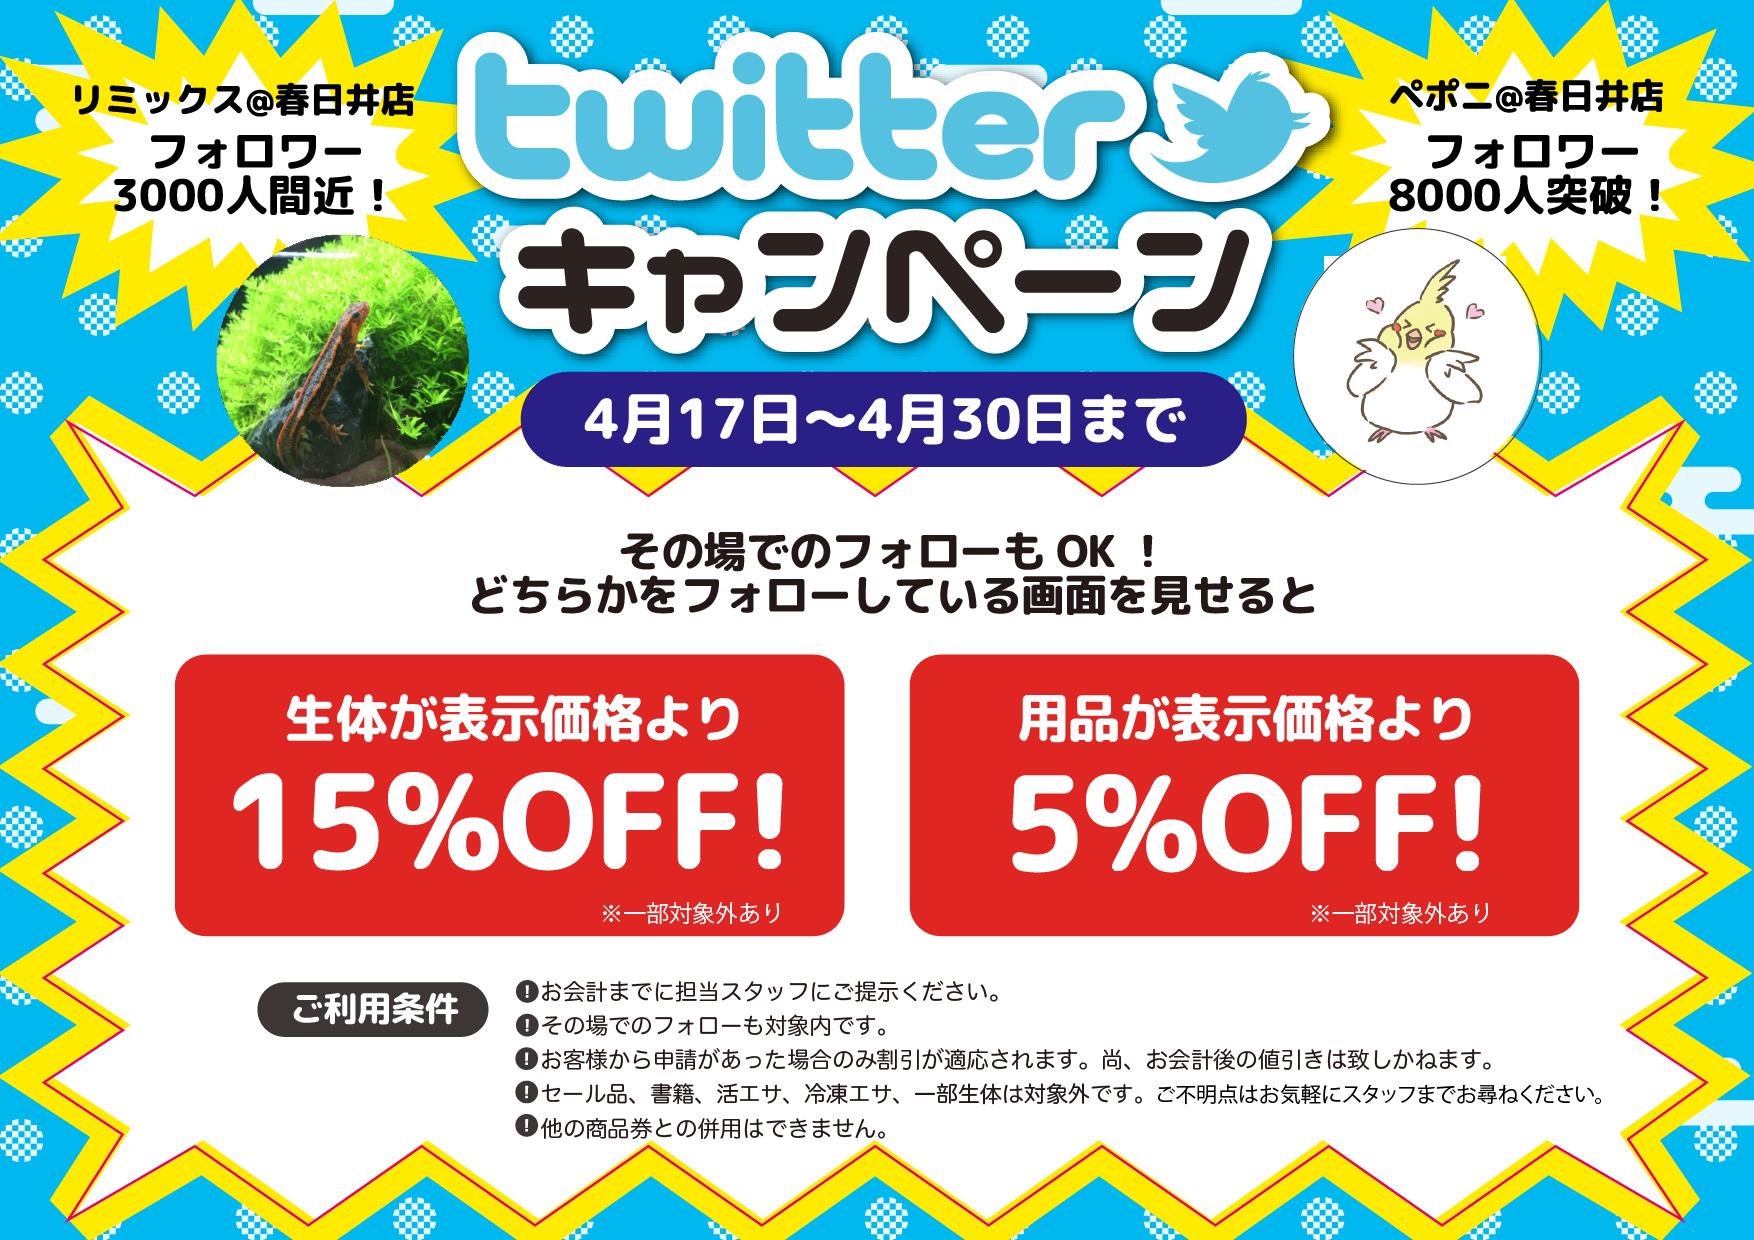 【春ペポニ】Twitter企画始動!【春日井店限定】